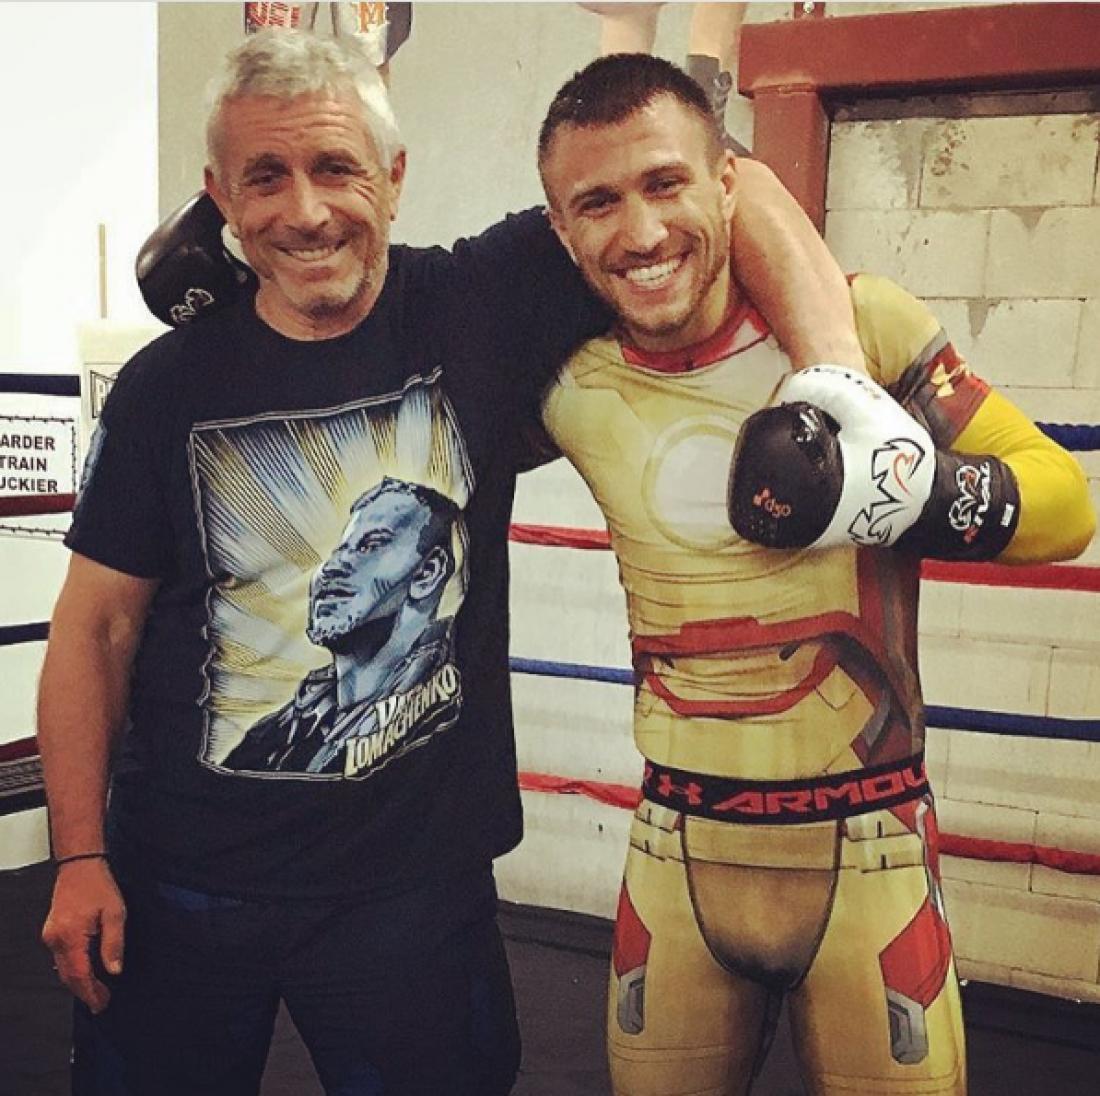 Ломаченко надел костюм железного человека